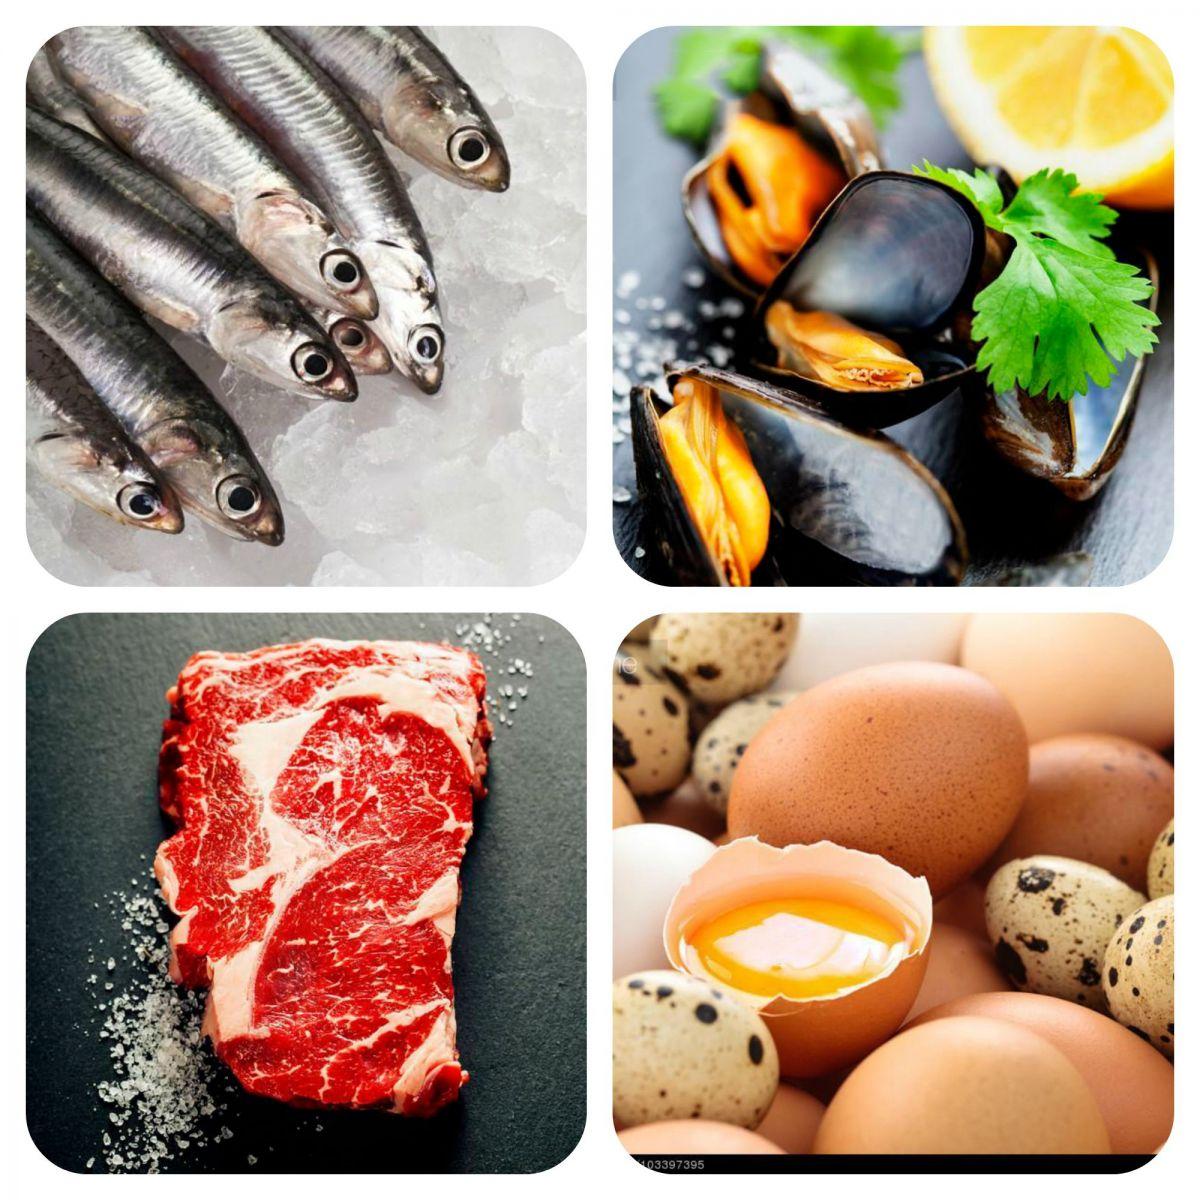 Chọn những thực phẩm chứa nhiều axit amin